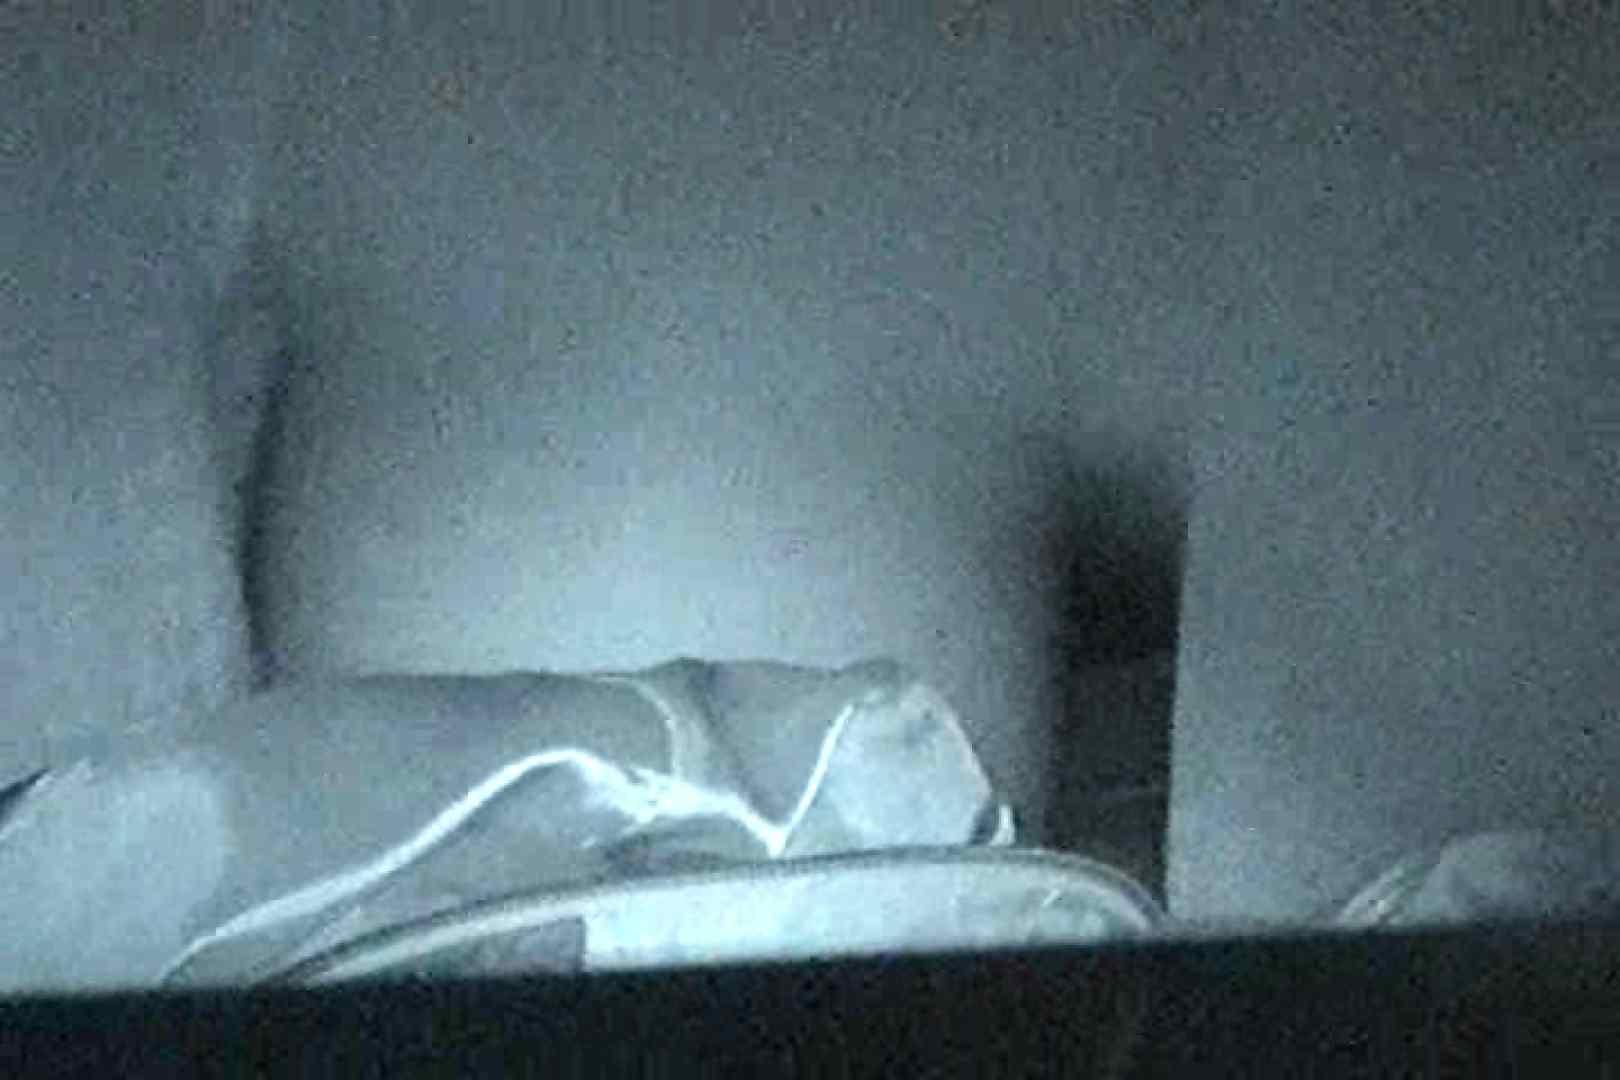 充血監督の深夜の運動会Vol.10 OLの実態 のぞき濡れ場動画紹介 91pic 58